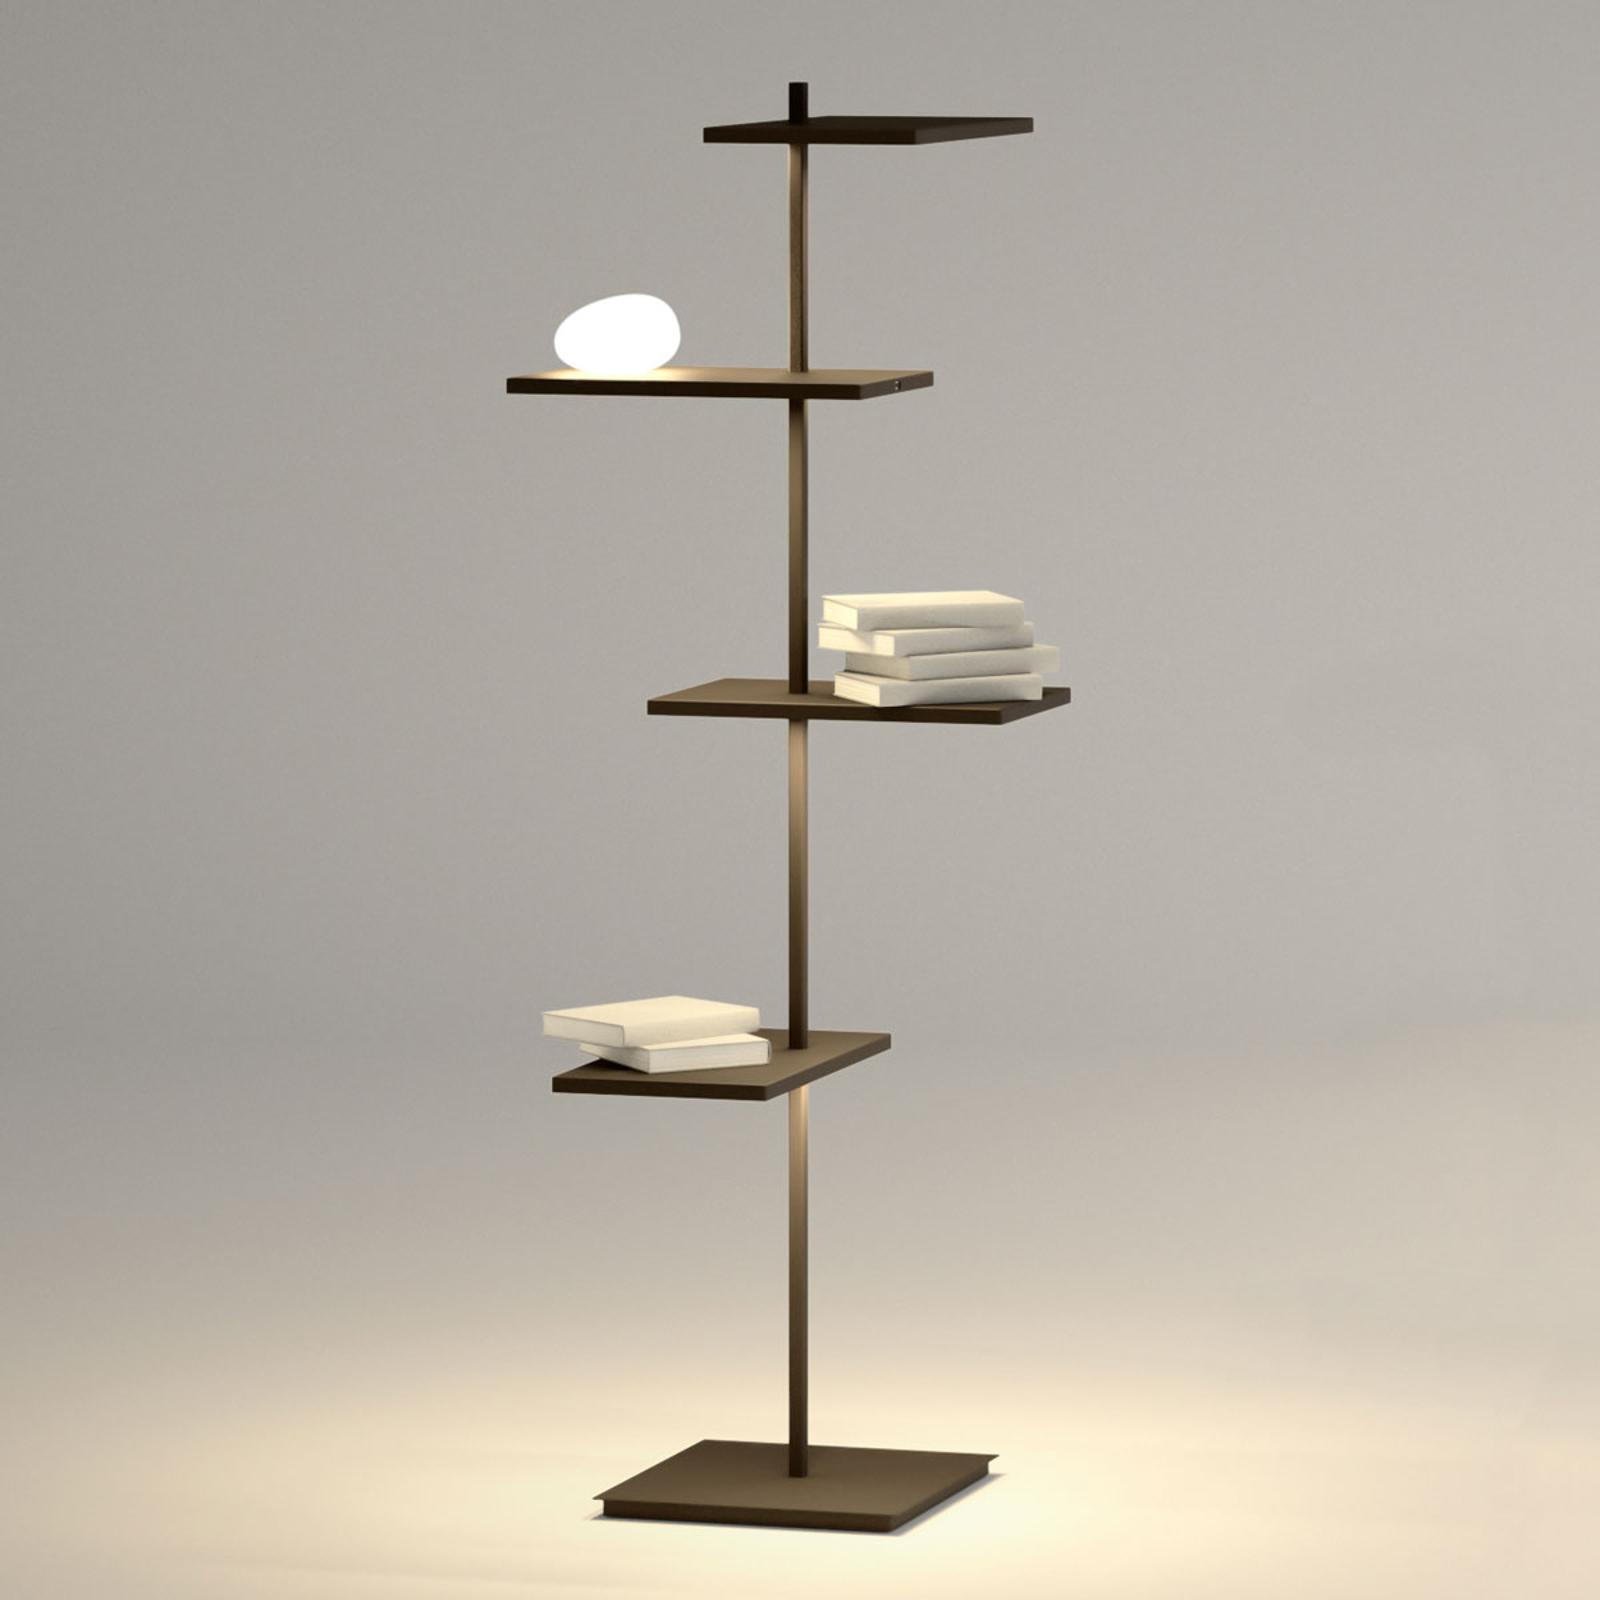 Wielofunkcyjna lampa stojąca LED SUITE, 133 cm